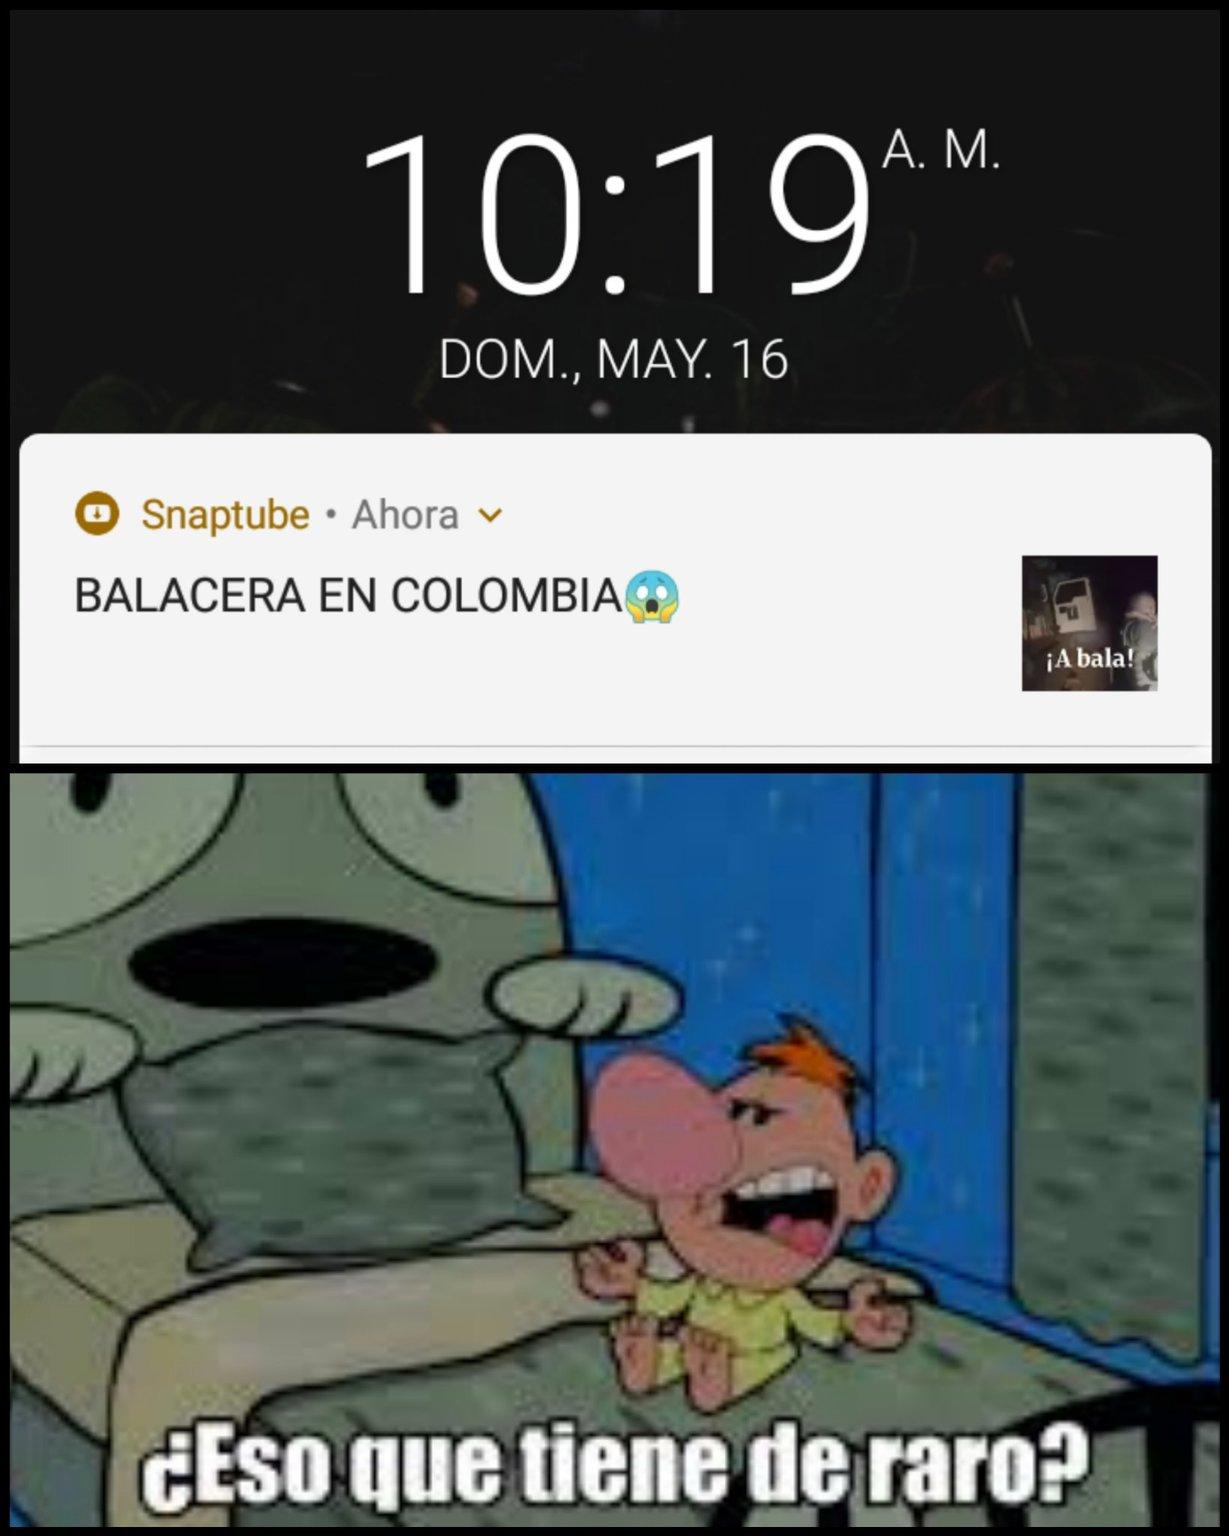 Un colombiano burlandose de lo q pasa en colombia XD - meme